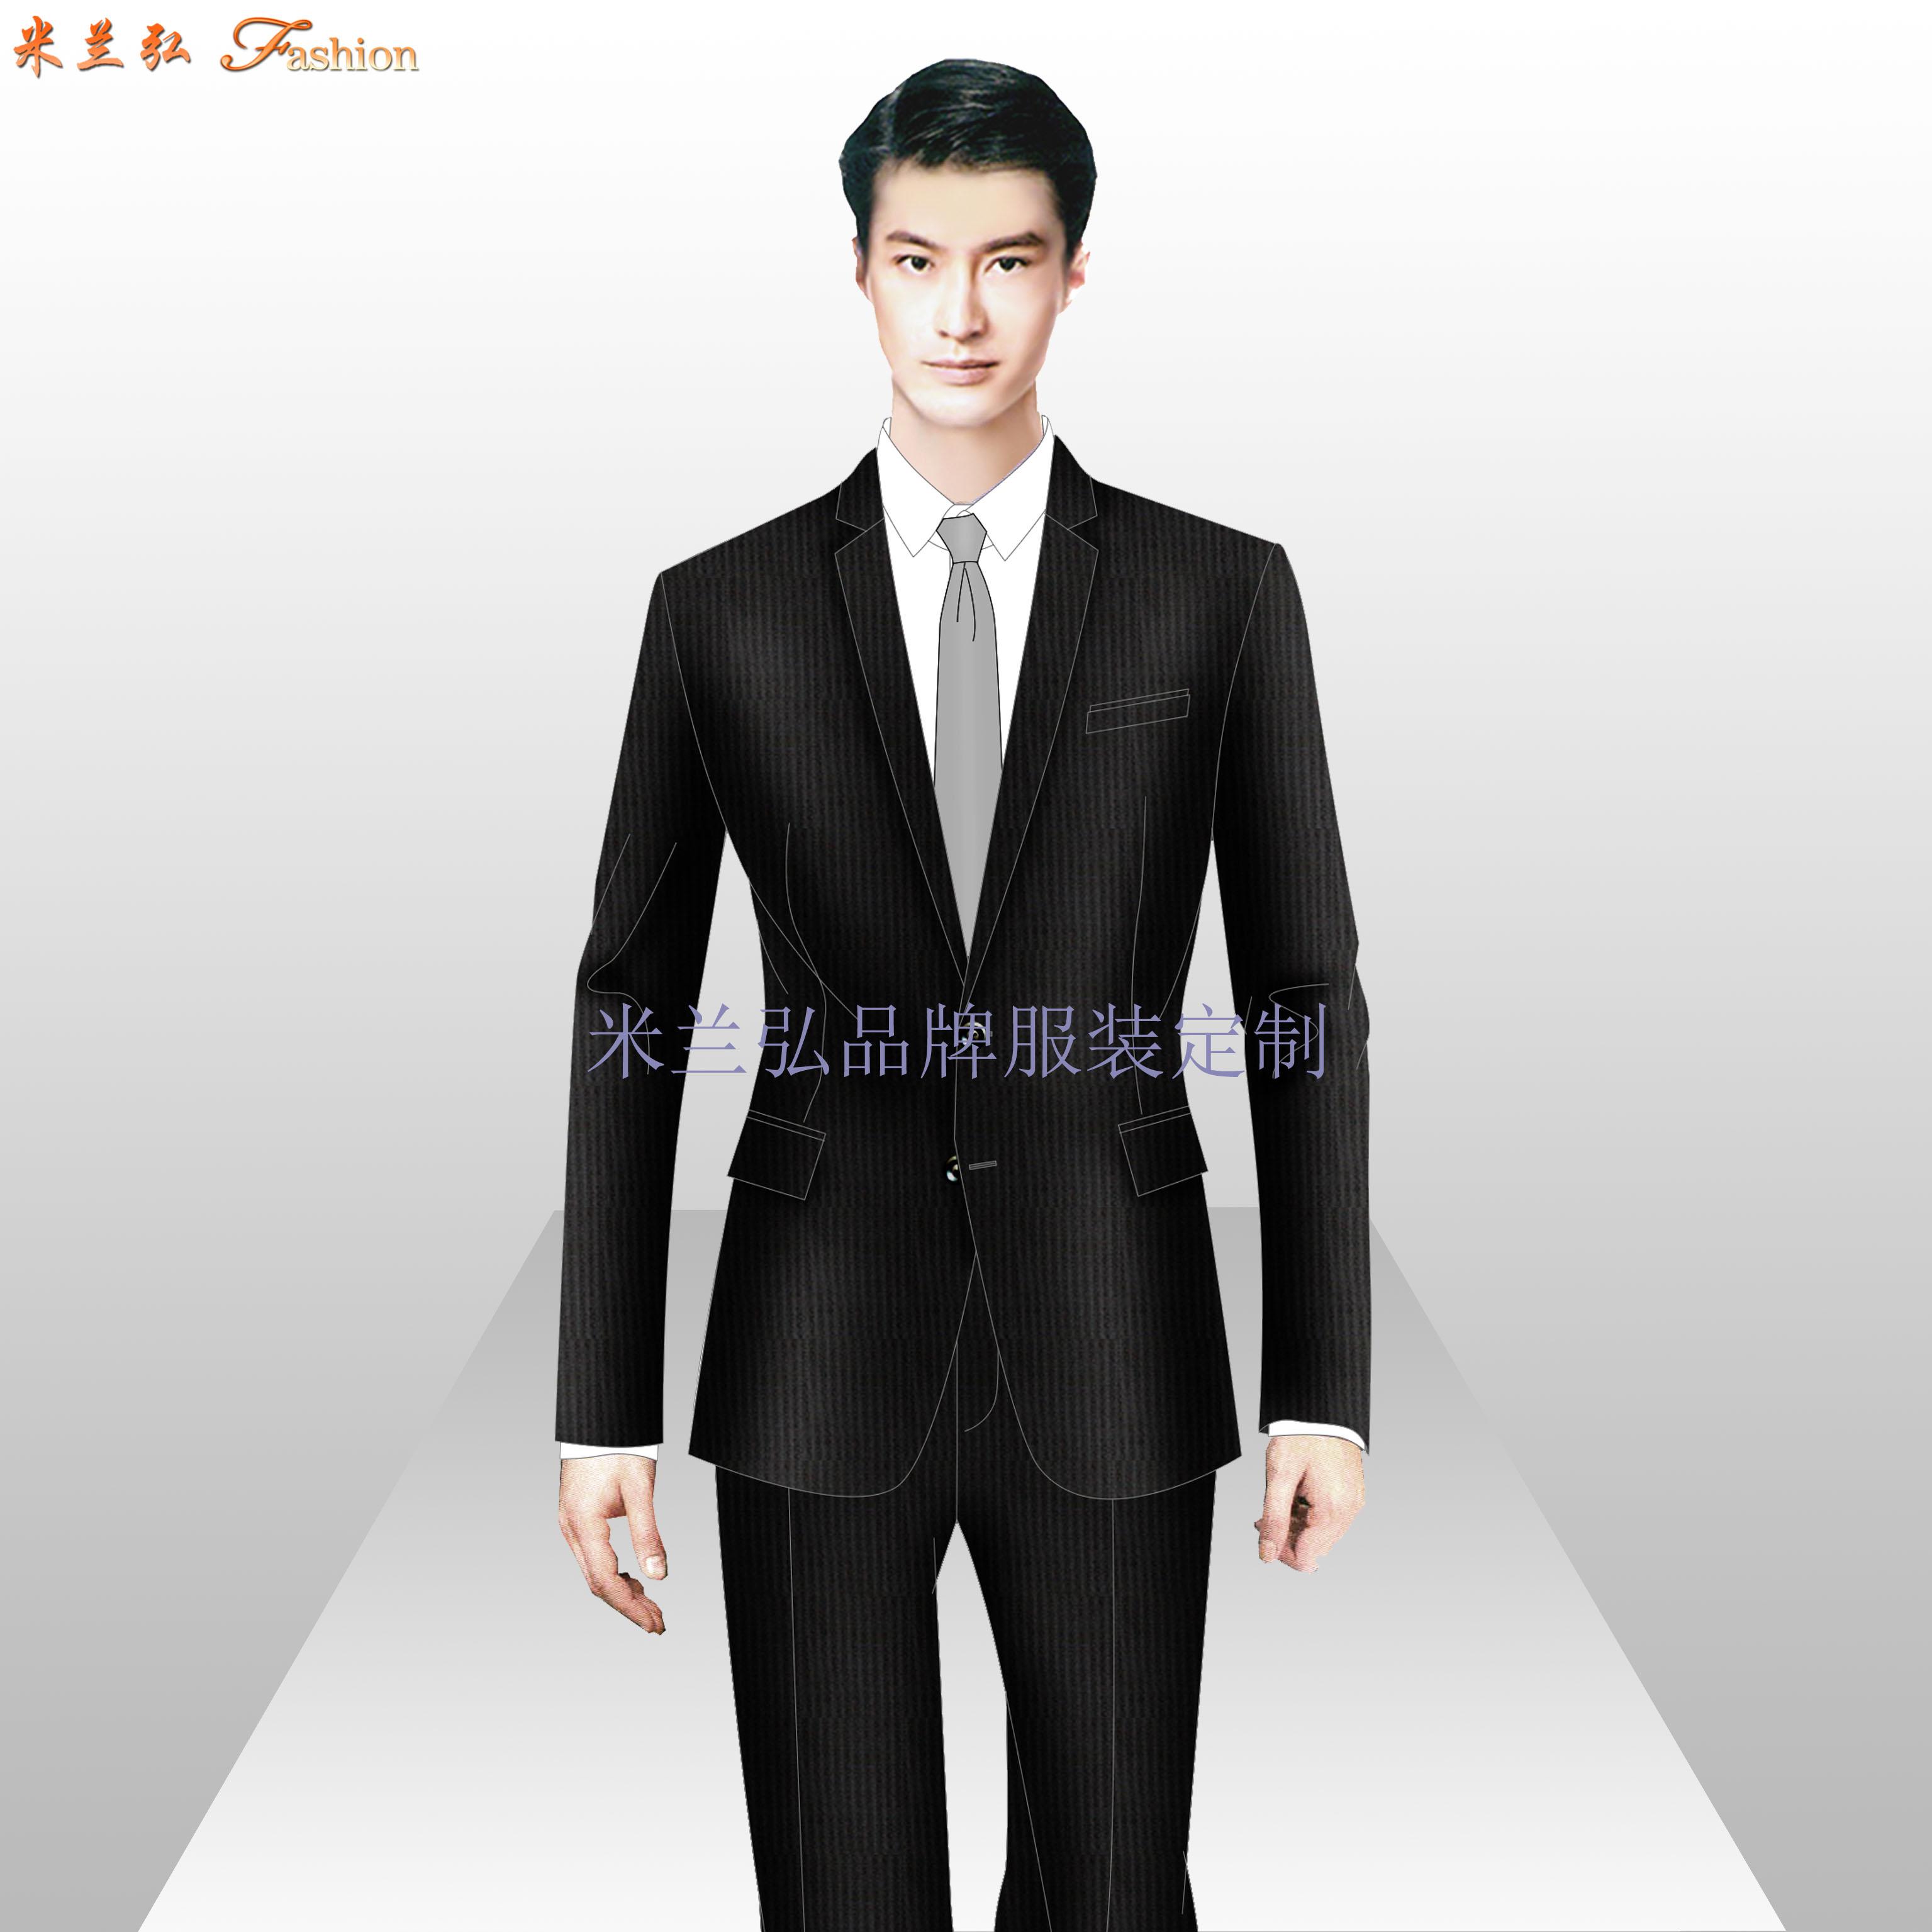 北京西服定做-企業訂制80S支工裝毛滌西服-米蘭弘廠家-3